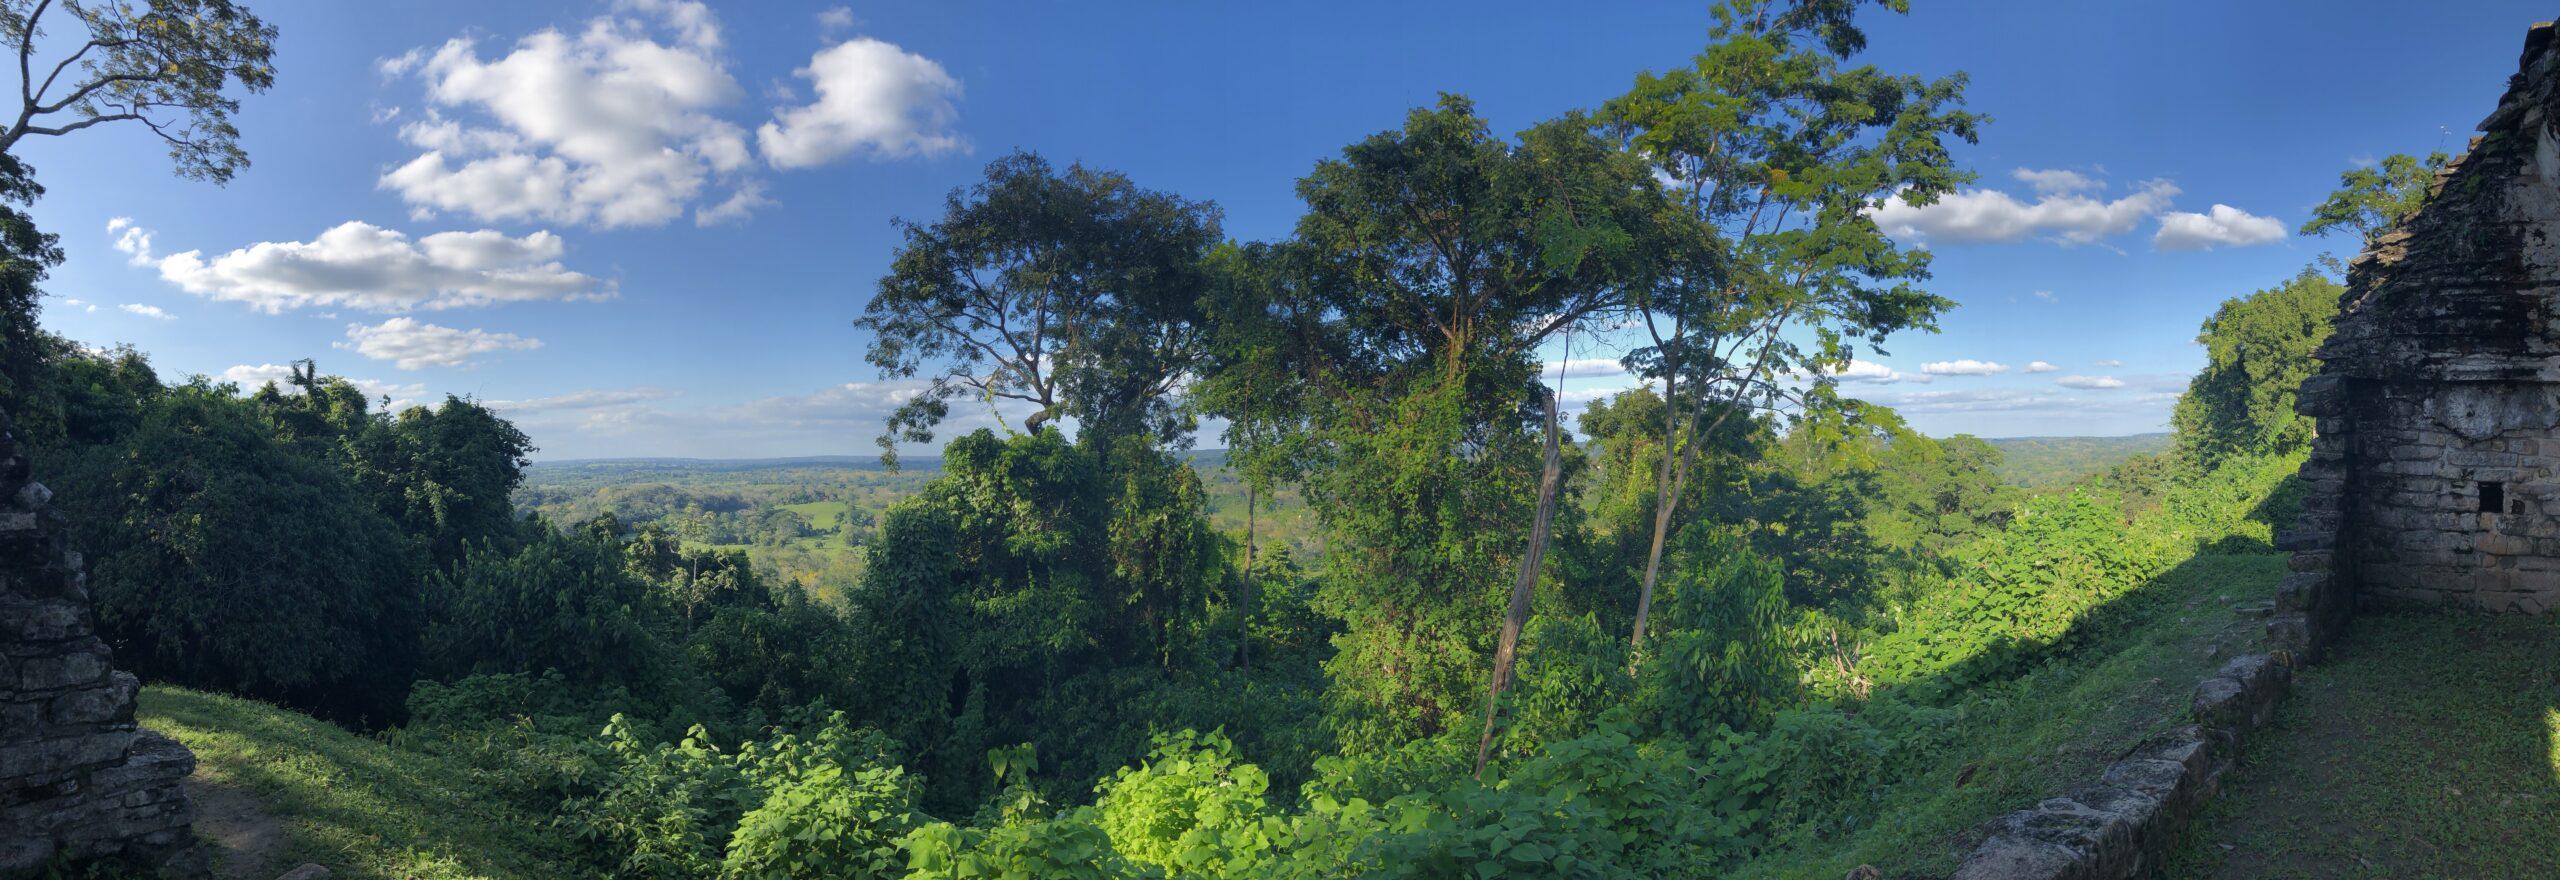 Mecio jungle pannoram